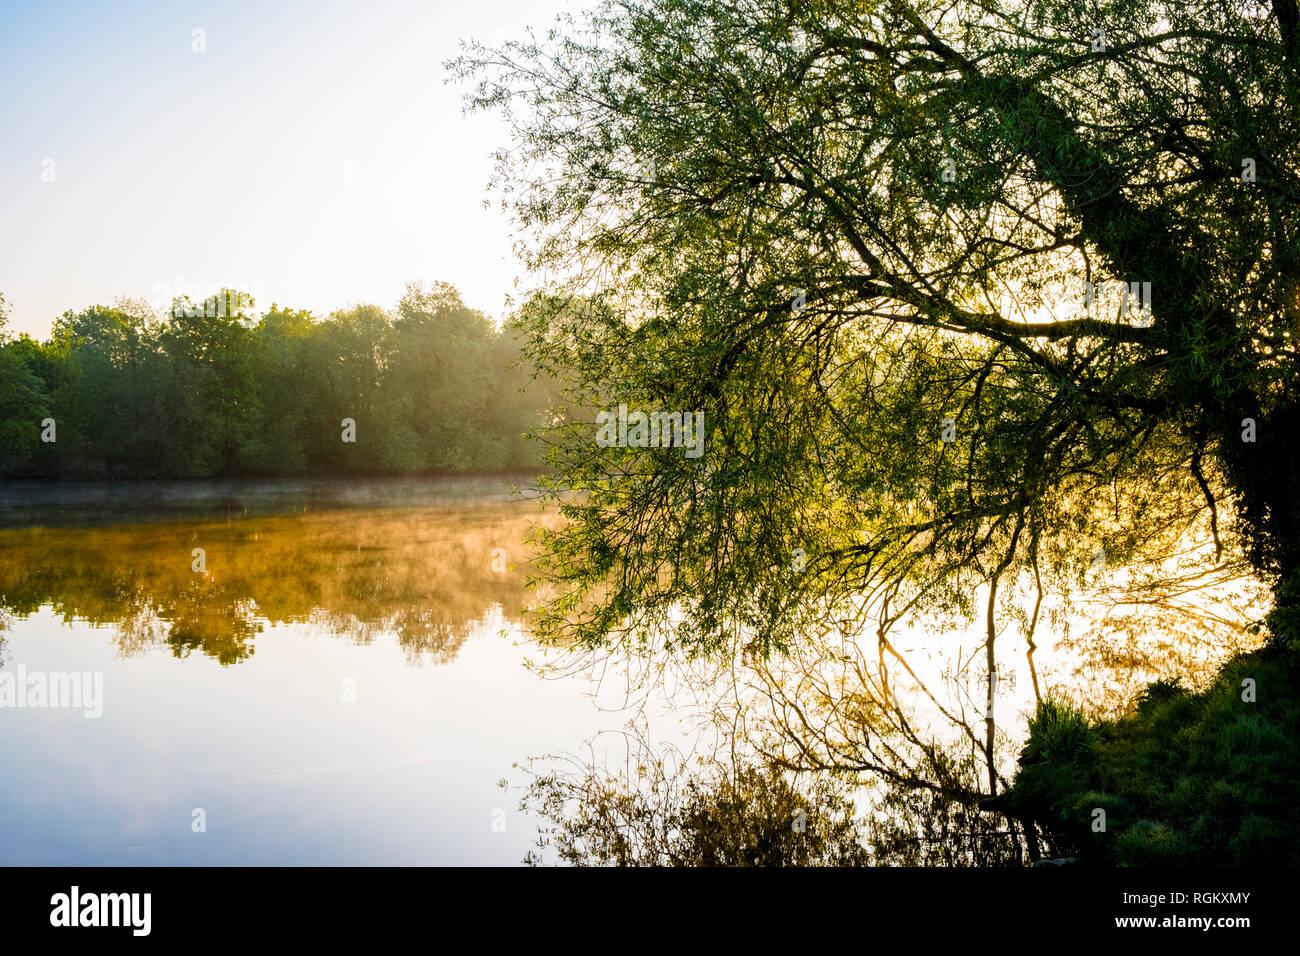 Englisch Landschaften. Am frühen Morgen Sonne und Nebel auf dem Fluss Trent in der Landschaft in Nottinghamshire, England, Großbritannien Stockbild